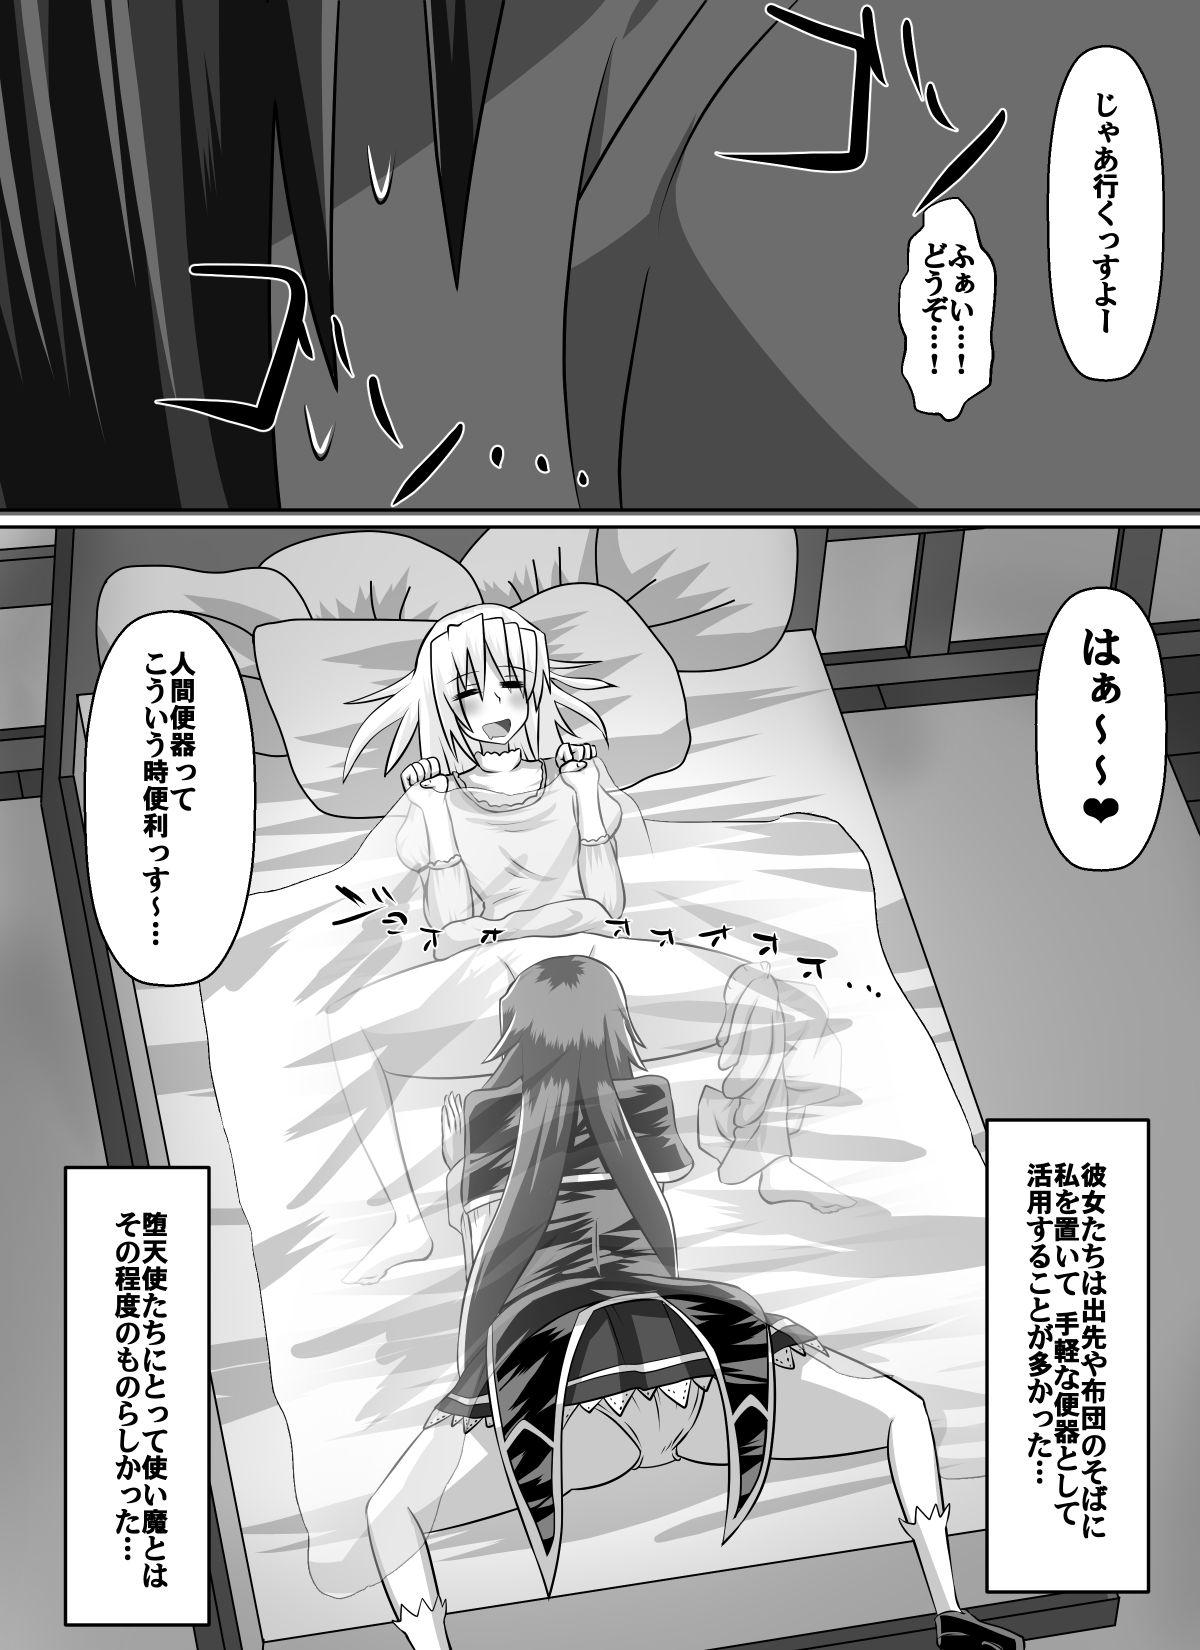 Benigami no Messatsuki ~Teki Onna ni Juurin Sareru Kouketsu Shoujo 61